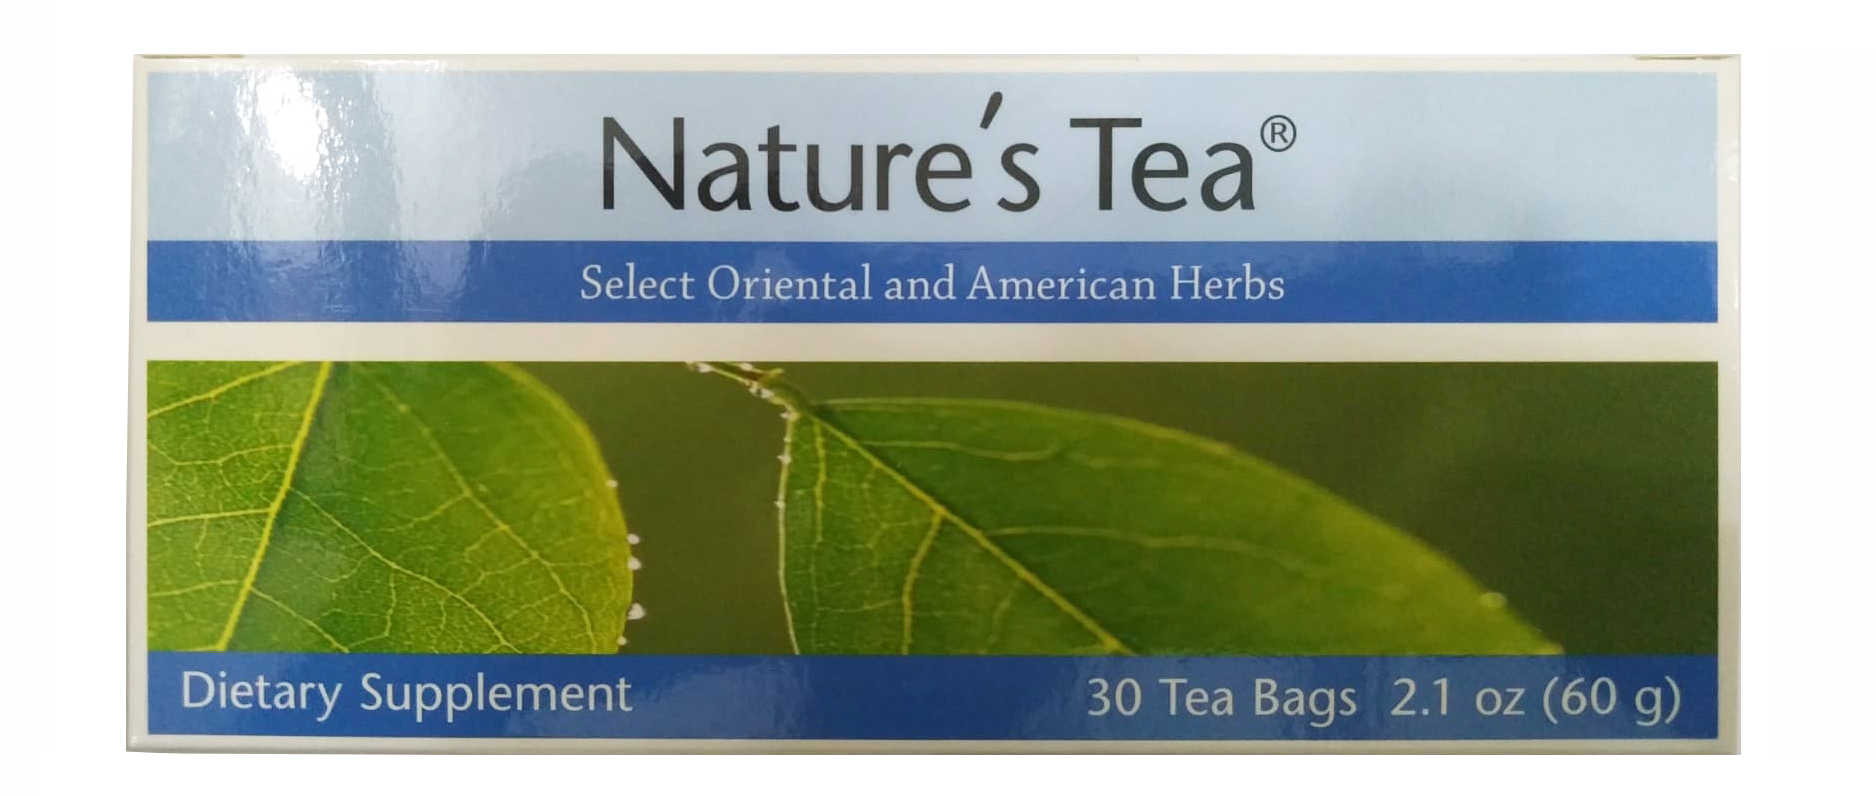 Trà thảo mộc thiên nhiên Natures Tea Unicity 1